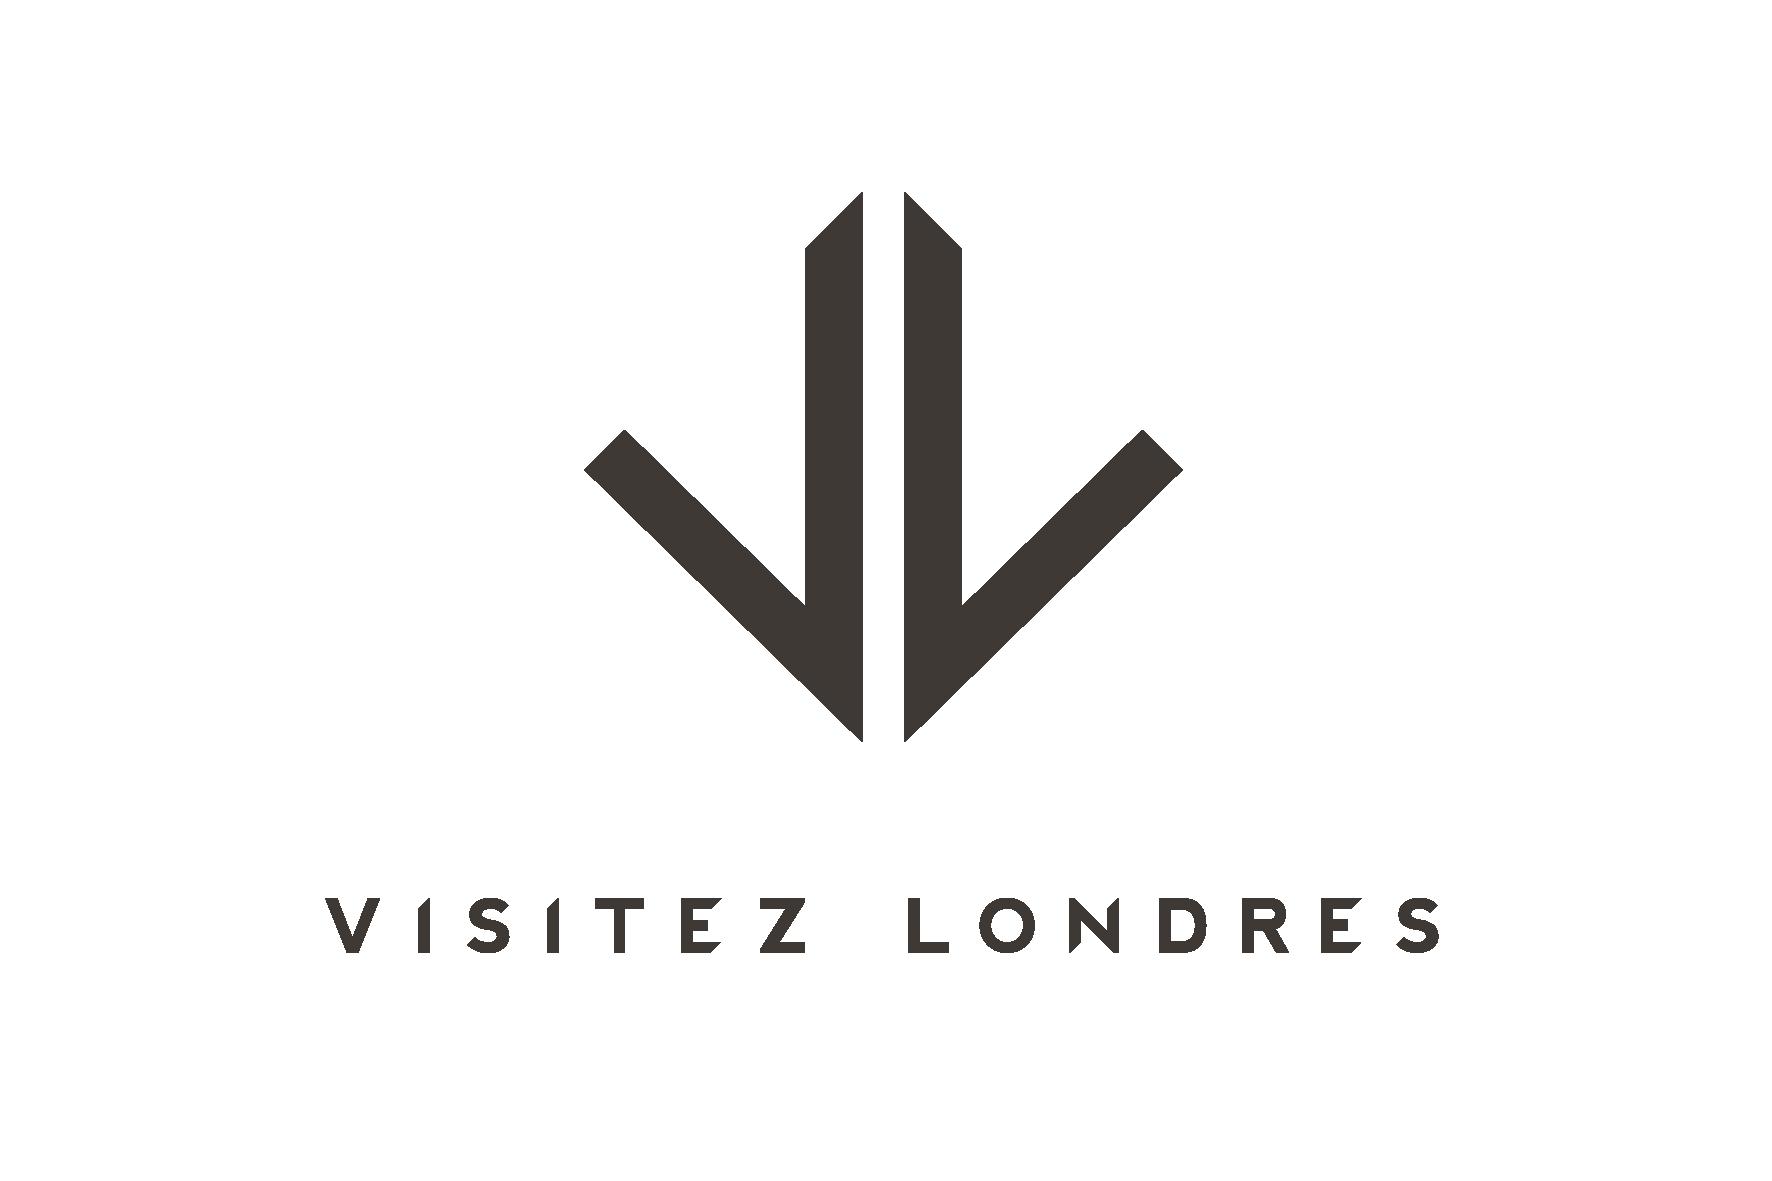 visitezlondresenfrancais